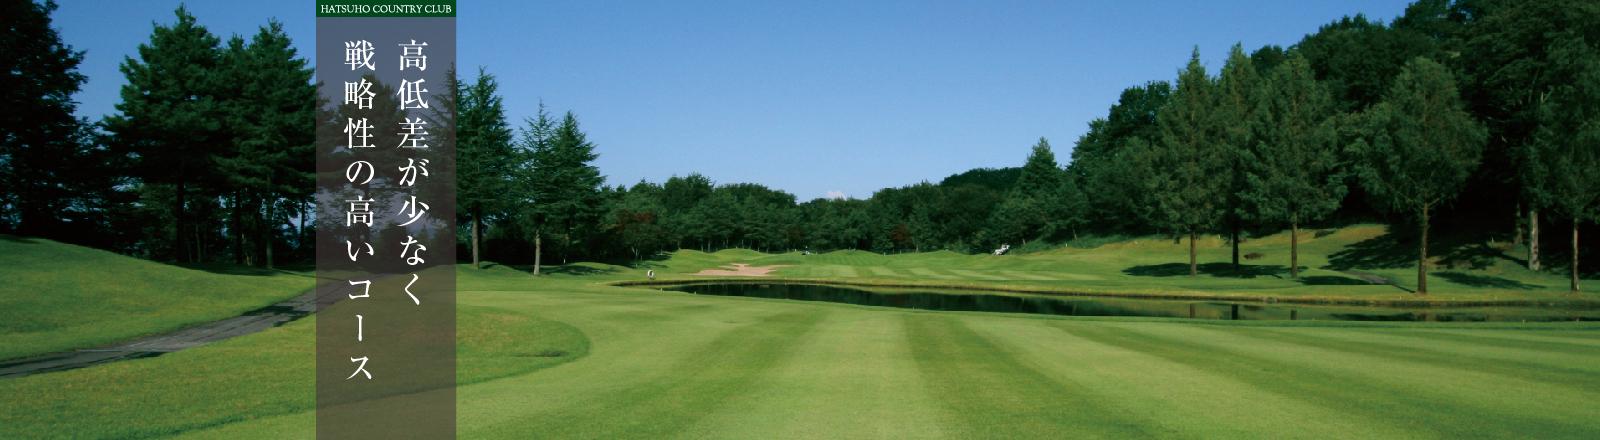 ゴルフコース|高低差が少なく戦略性の高いコース